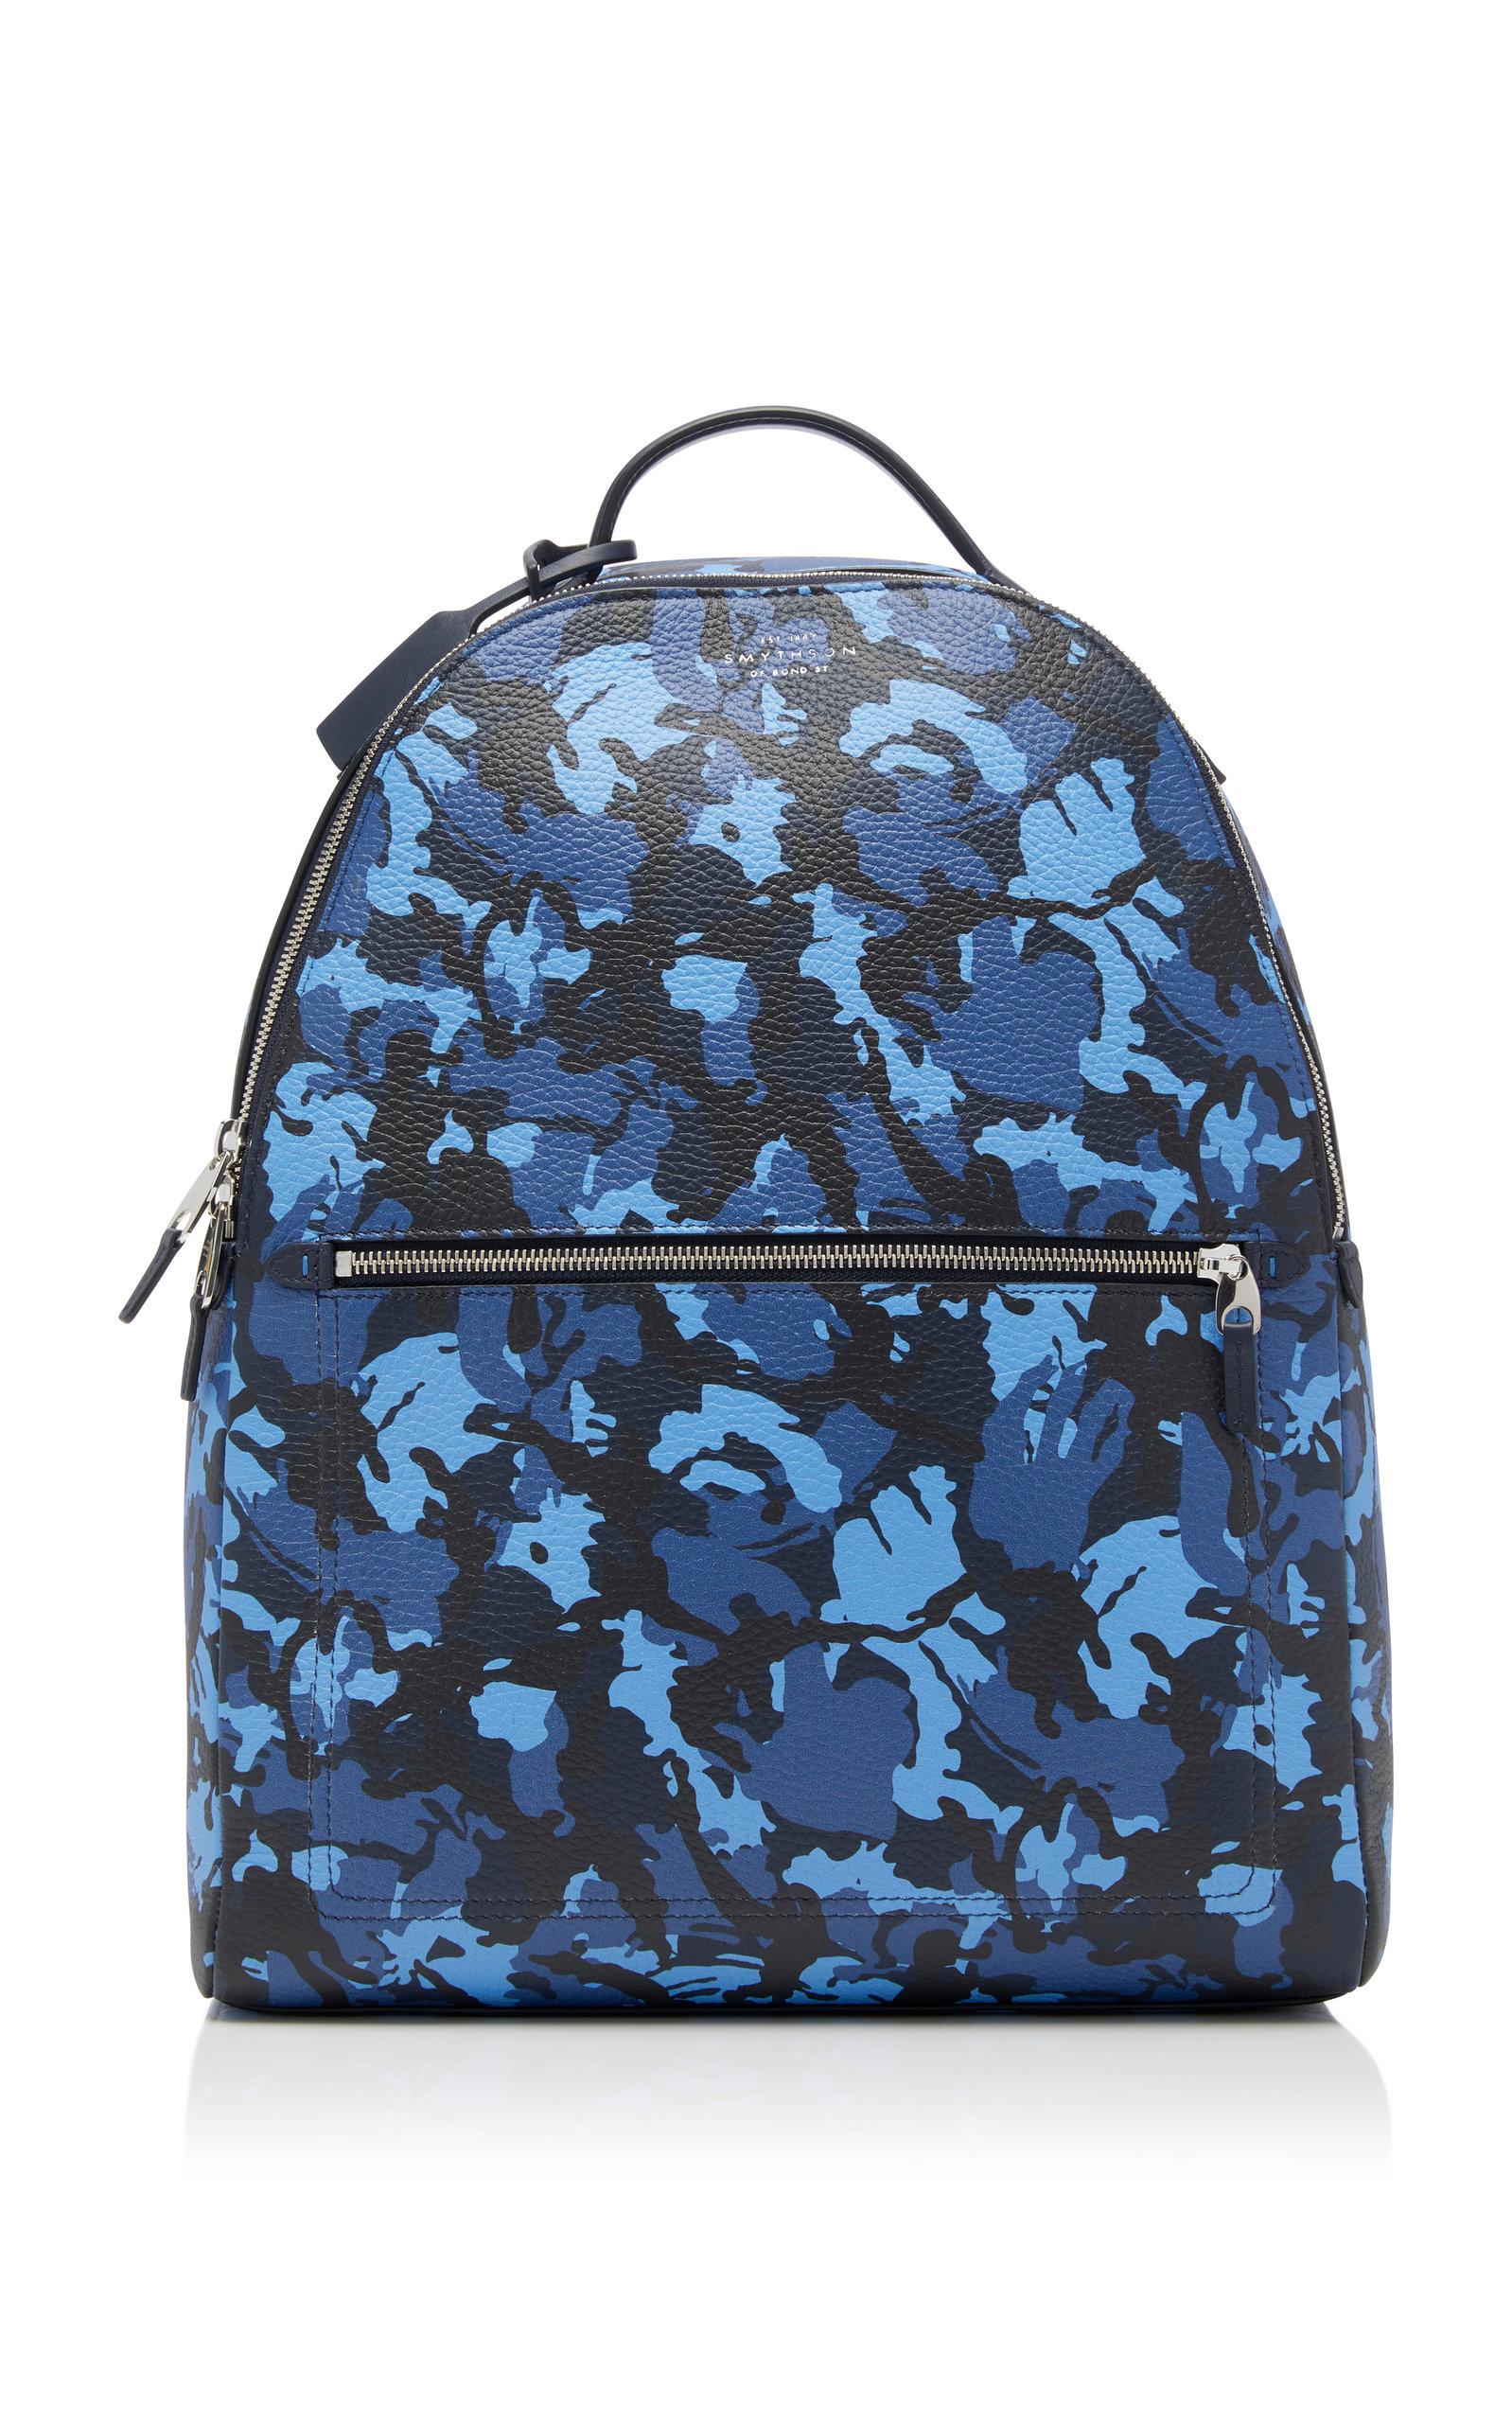 SMYTHSON Burlington Camouflage Leather Backpack in Blue